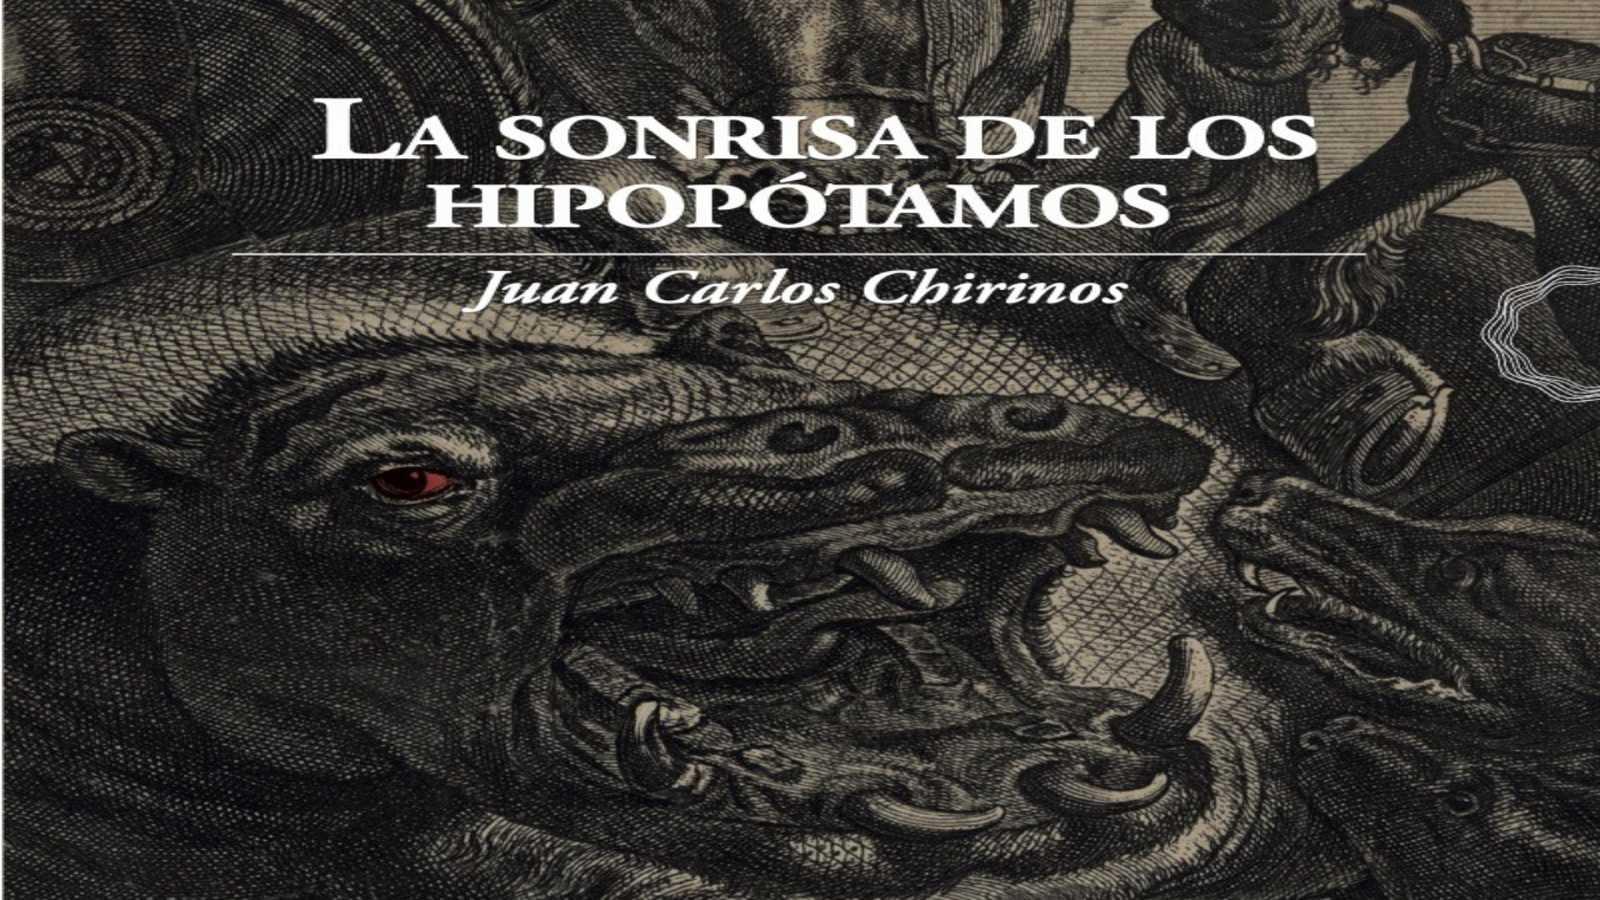 Hora América en Radio 5 -  'La sonrisa de los hipopótamos', de Juan Carlos Chirinos - 27/04/21 - Escuchar ahora